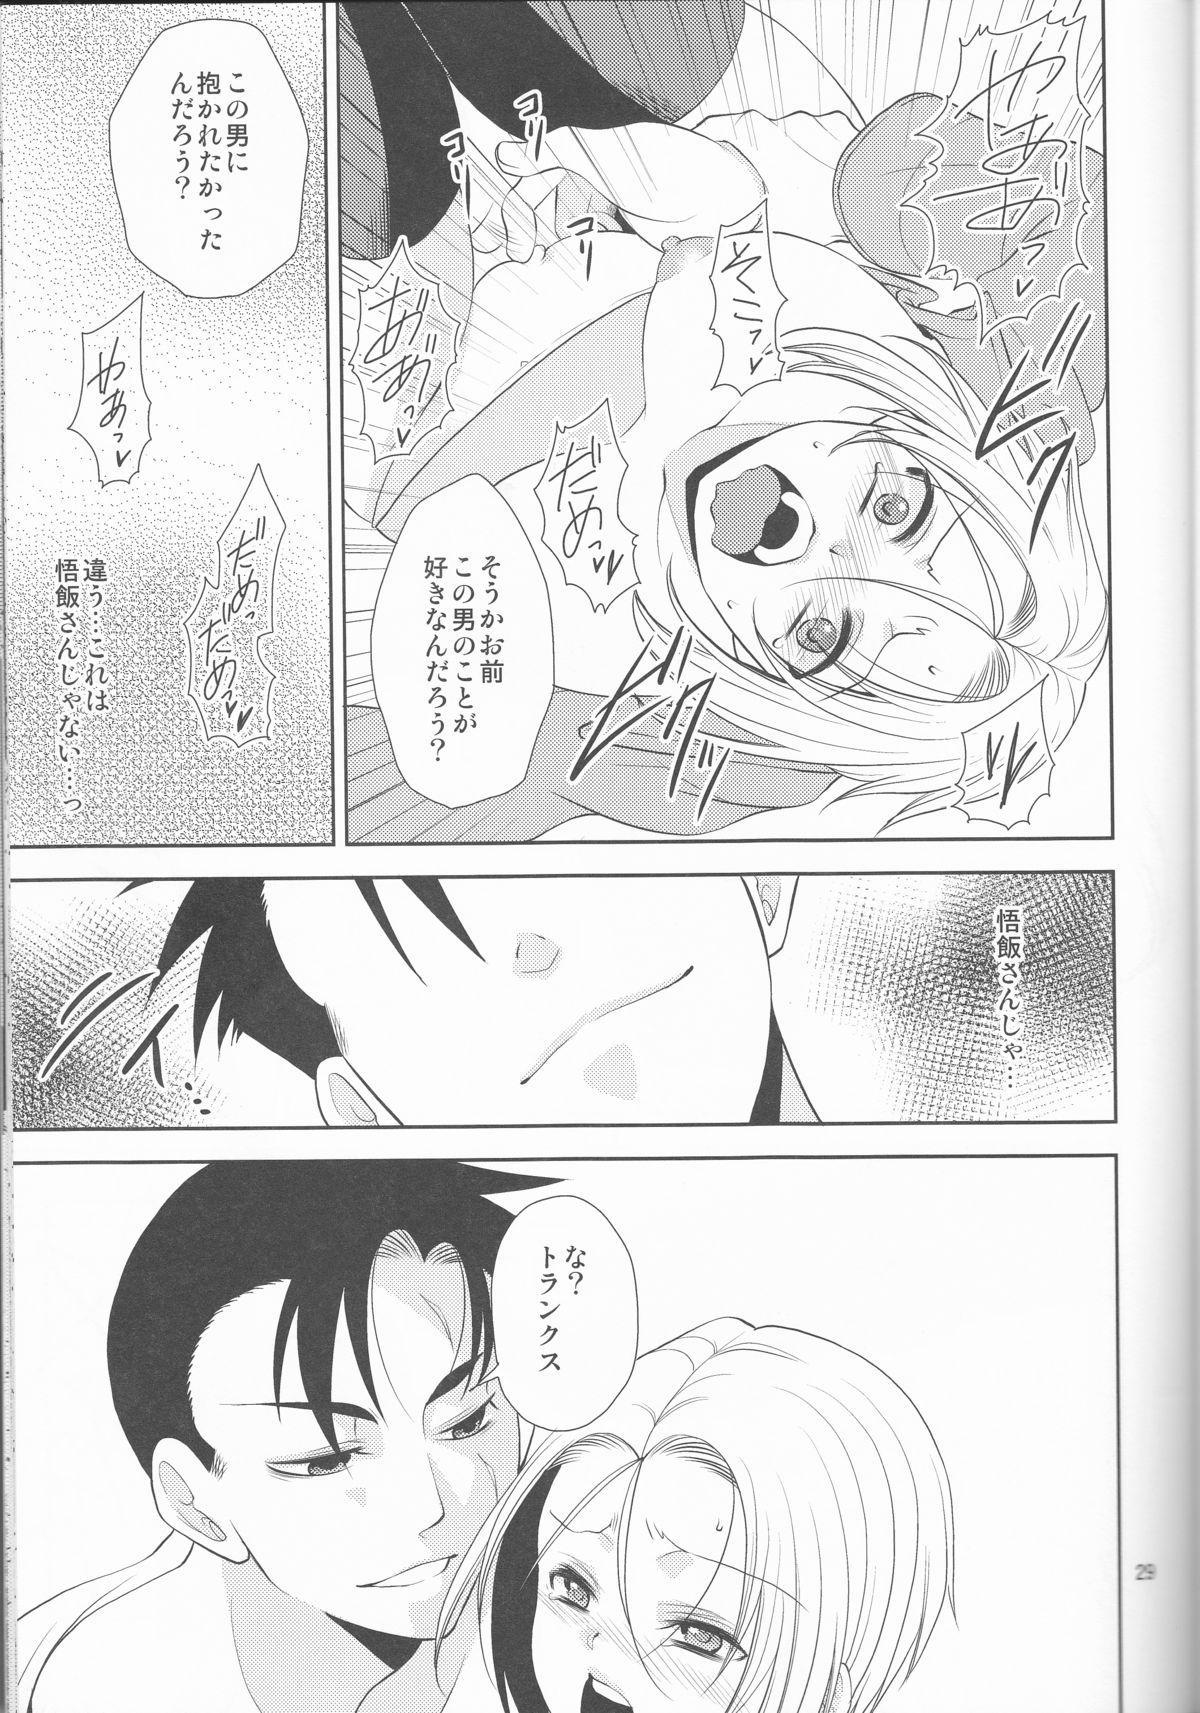 Soshite Boku wa Sono Suisen ni Miirareta. 28